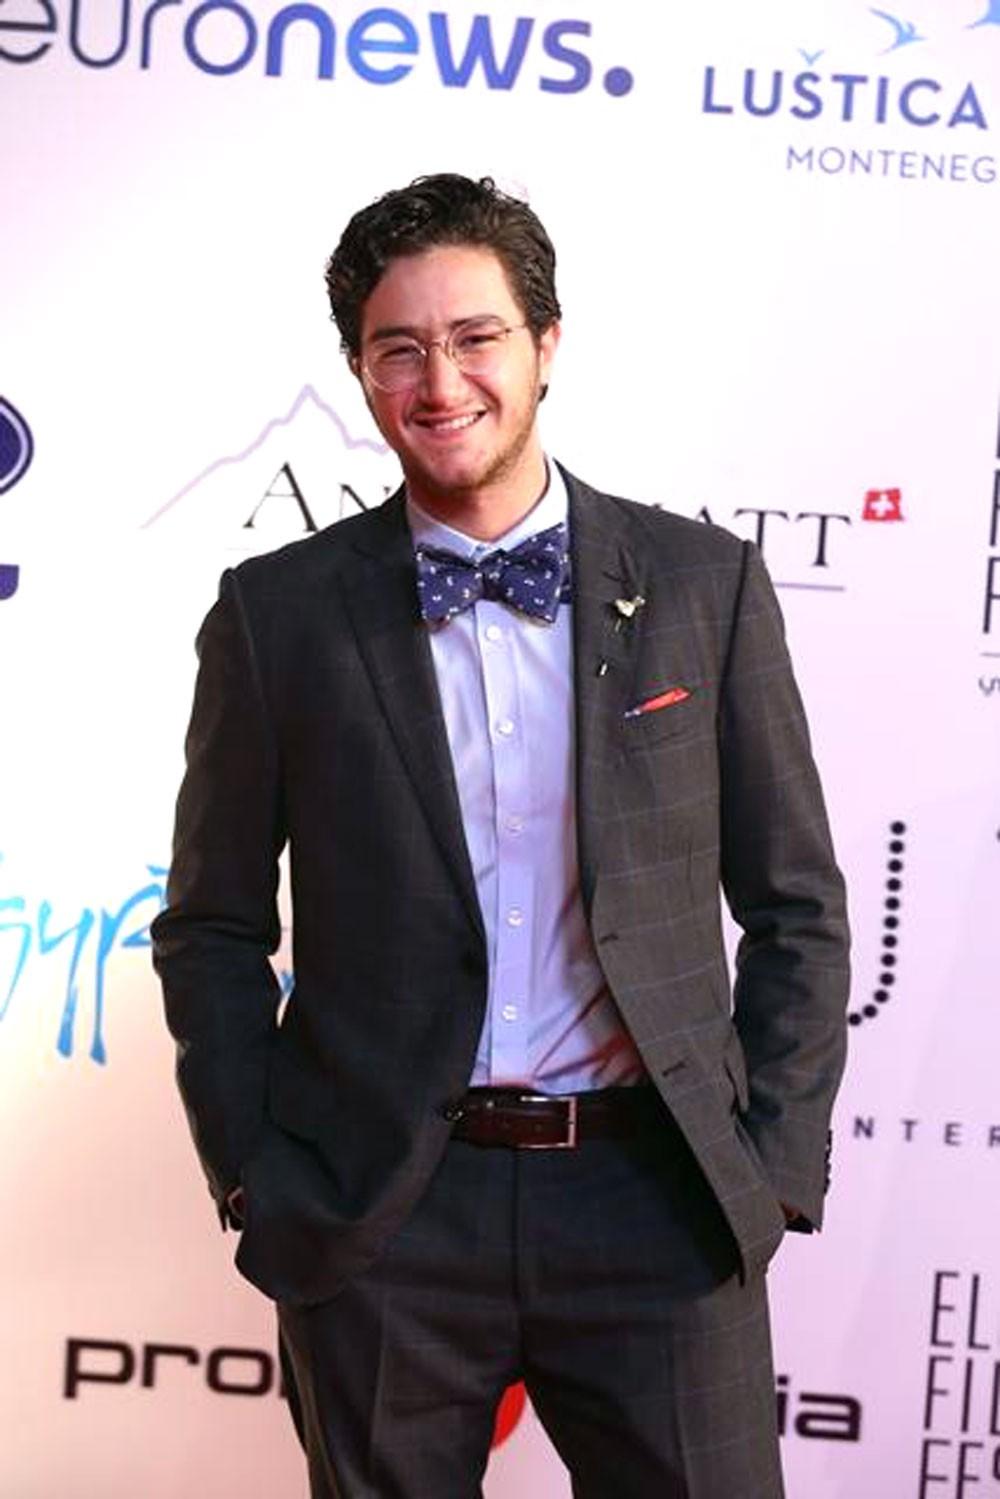 النجم الشاب أحمد مالك يشارك في ملتقى برلينال للمواهب